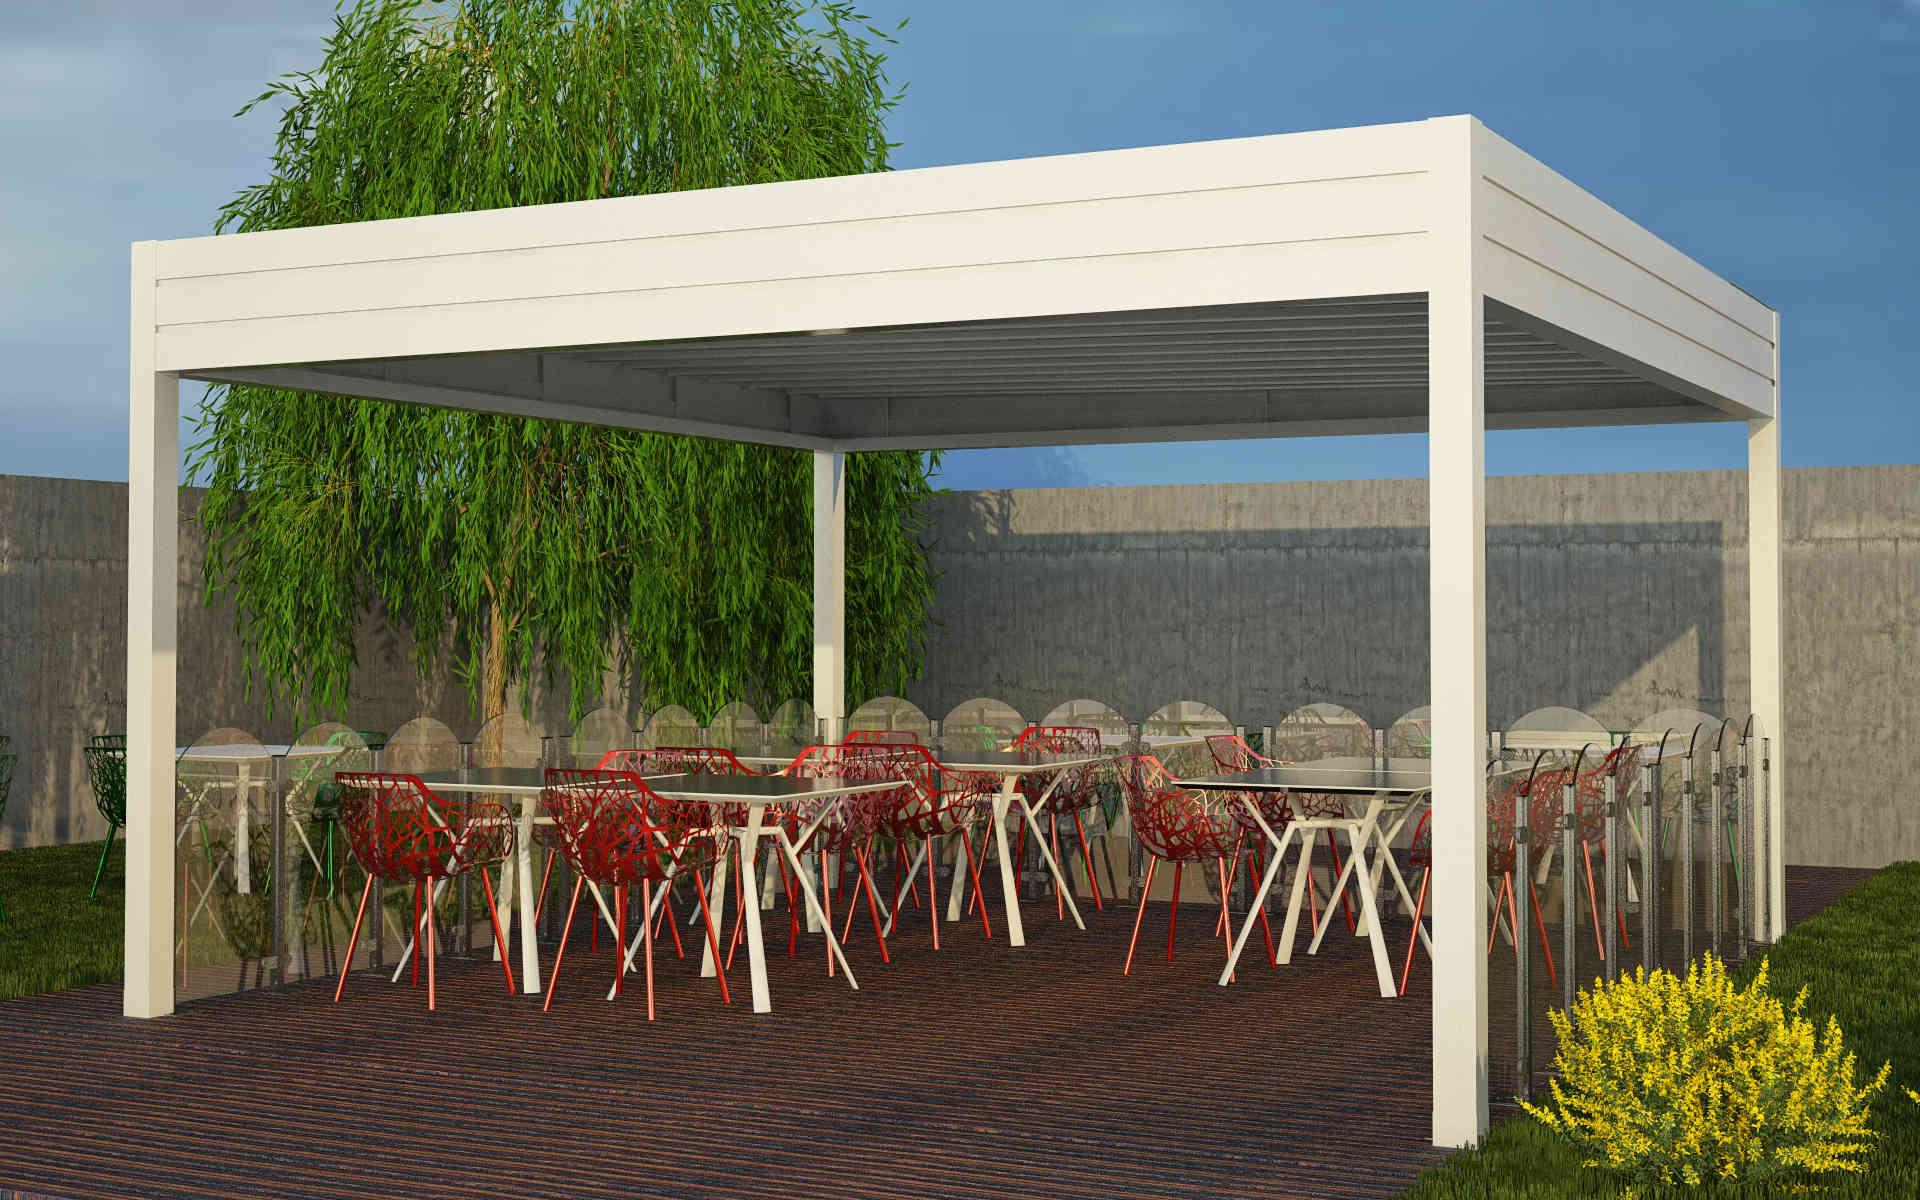 Paravento modulare per esterno in acciaio inox e vetro temperato mod. GL INOX - Stameat srl - Produzione ed installazione - Venezia